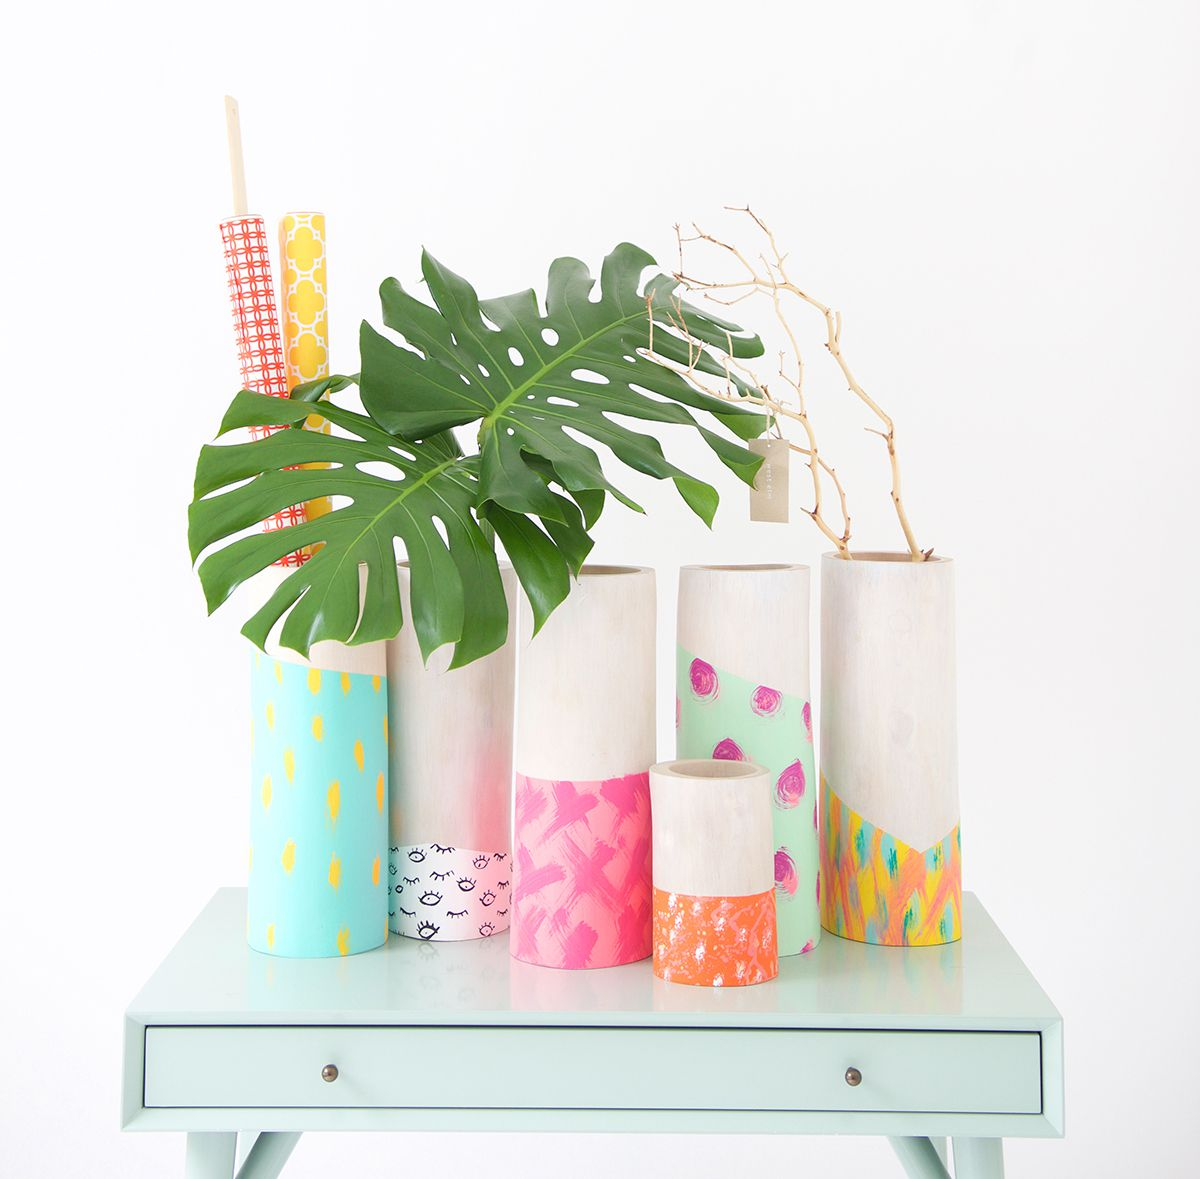 DIY Painted Wooden Vase